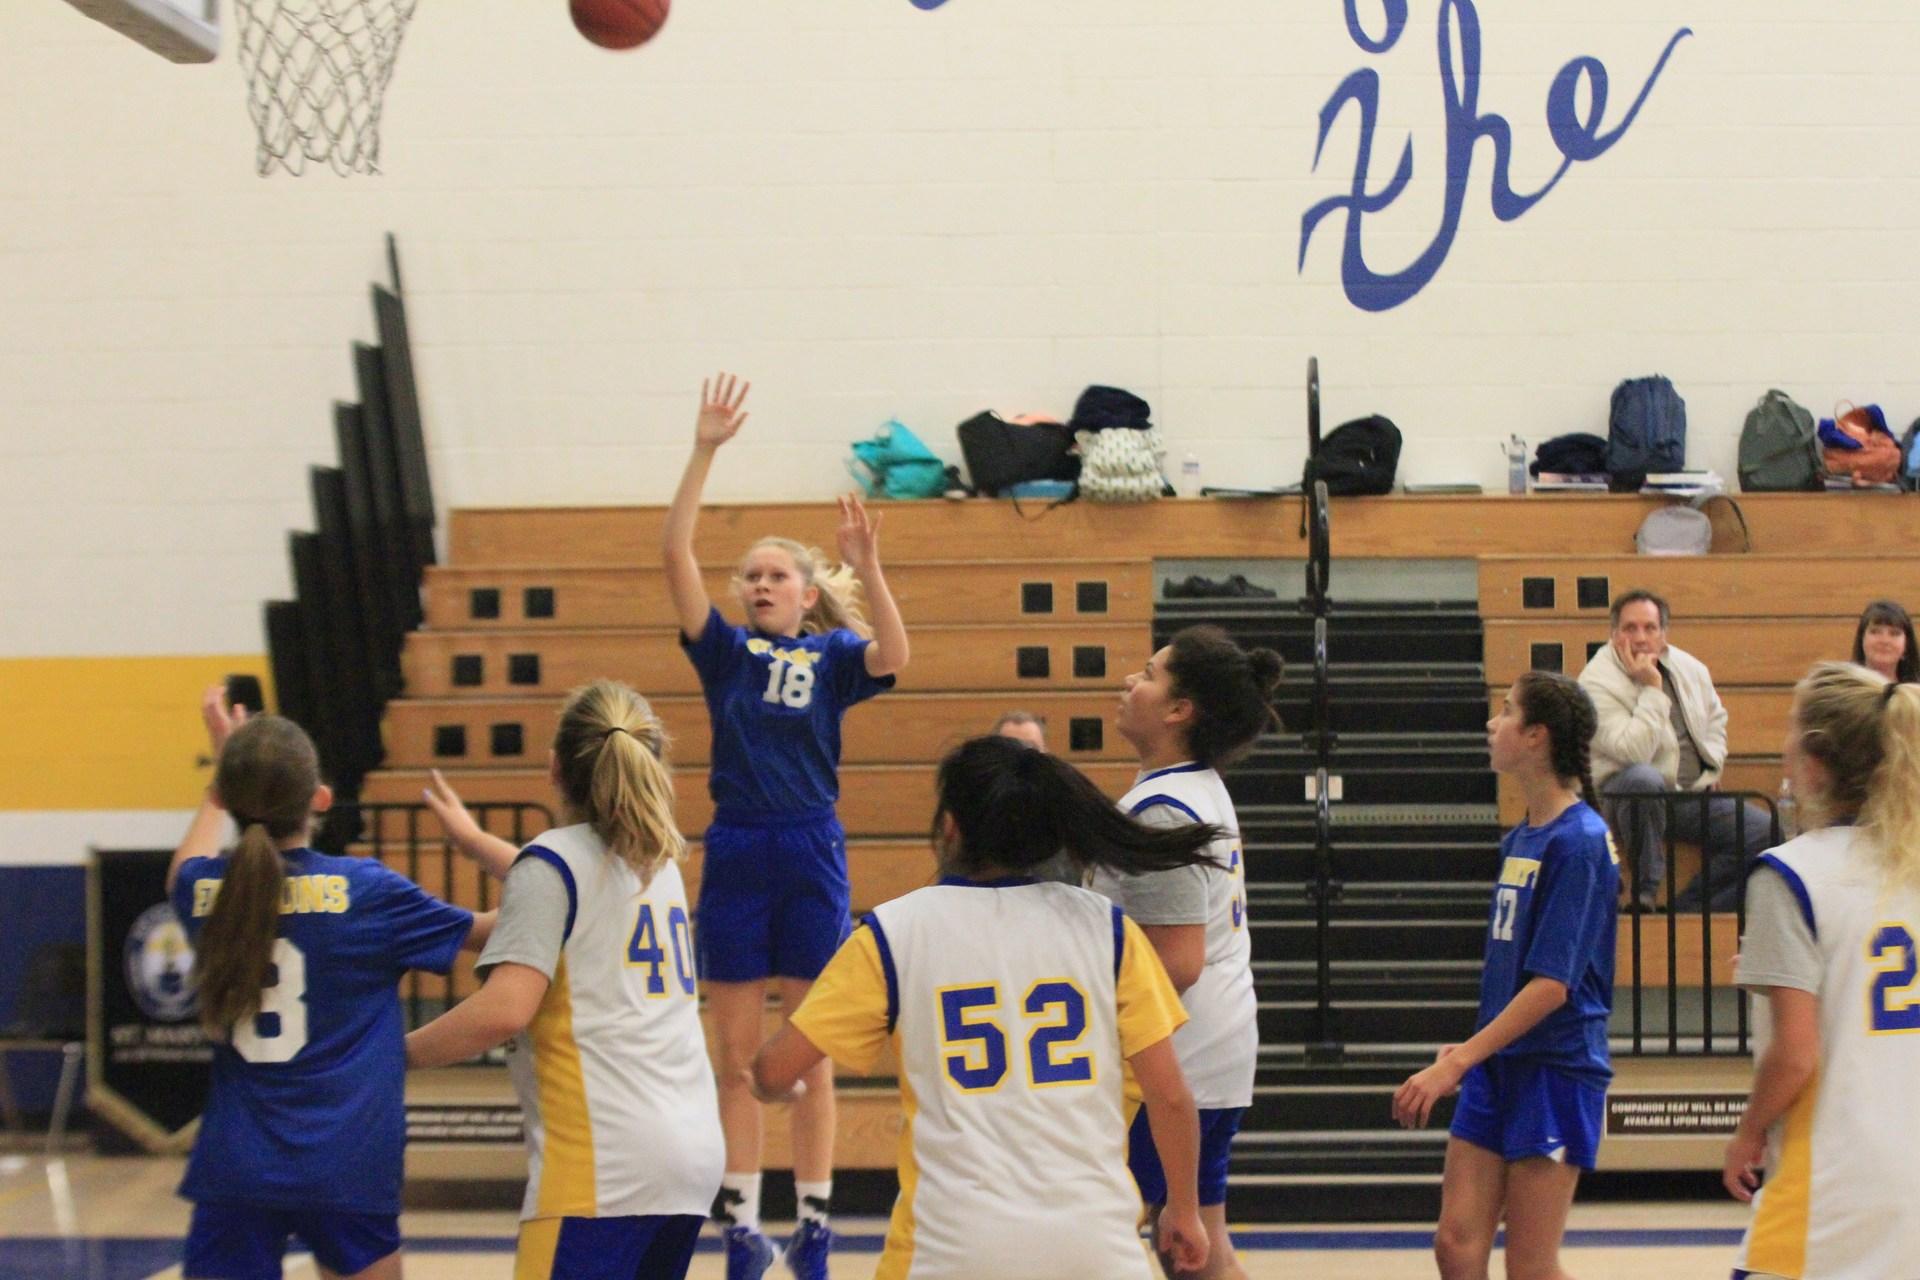 Girls shooting basketball